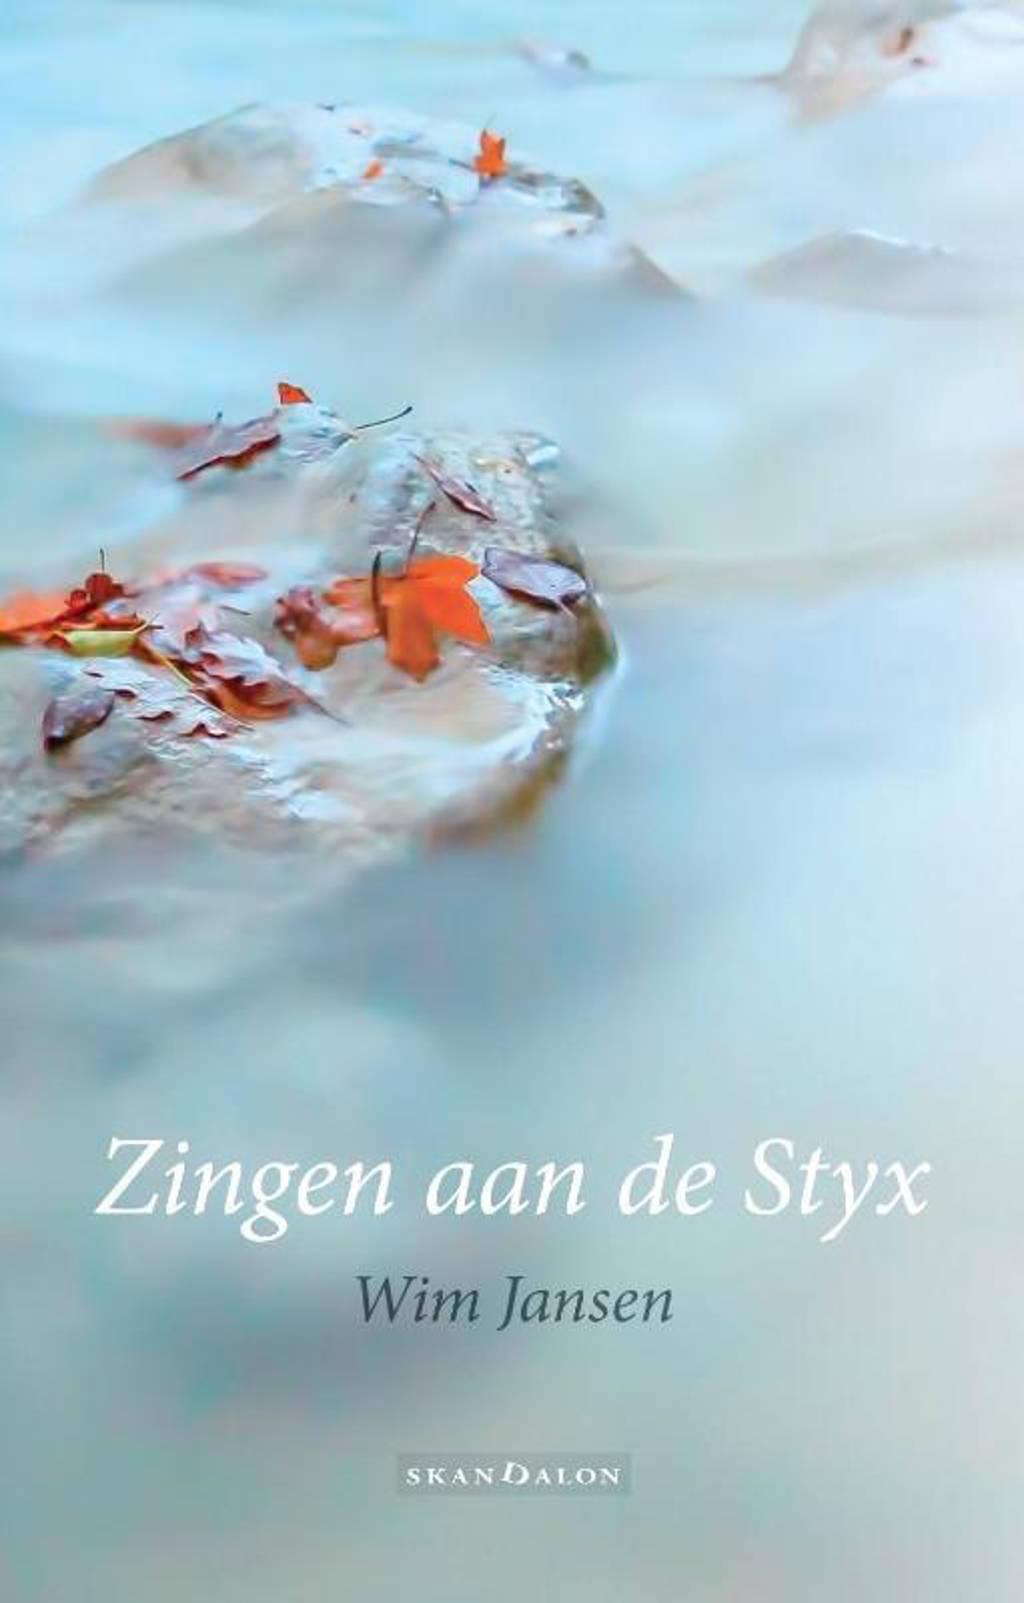 Zingen aan de Styx - Wim Jansen